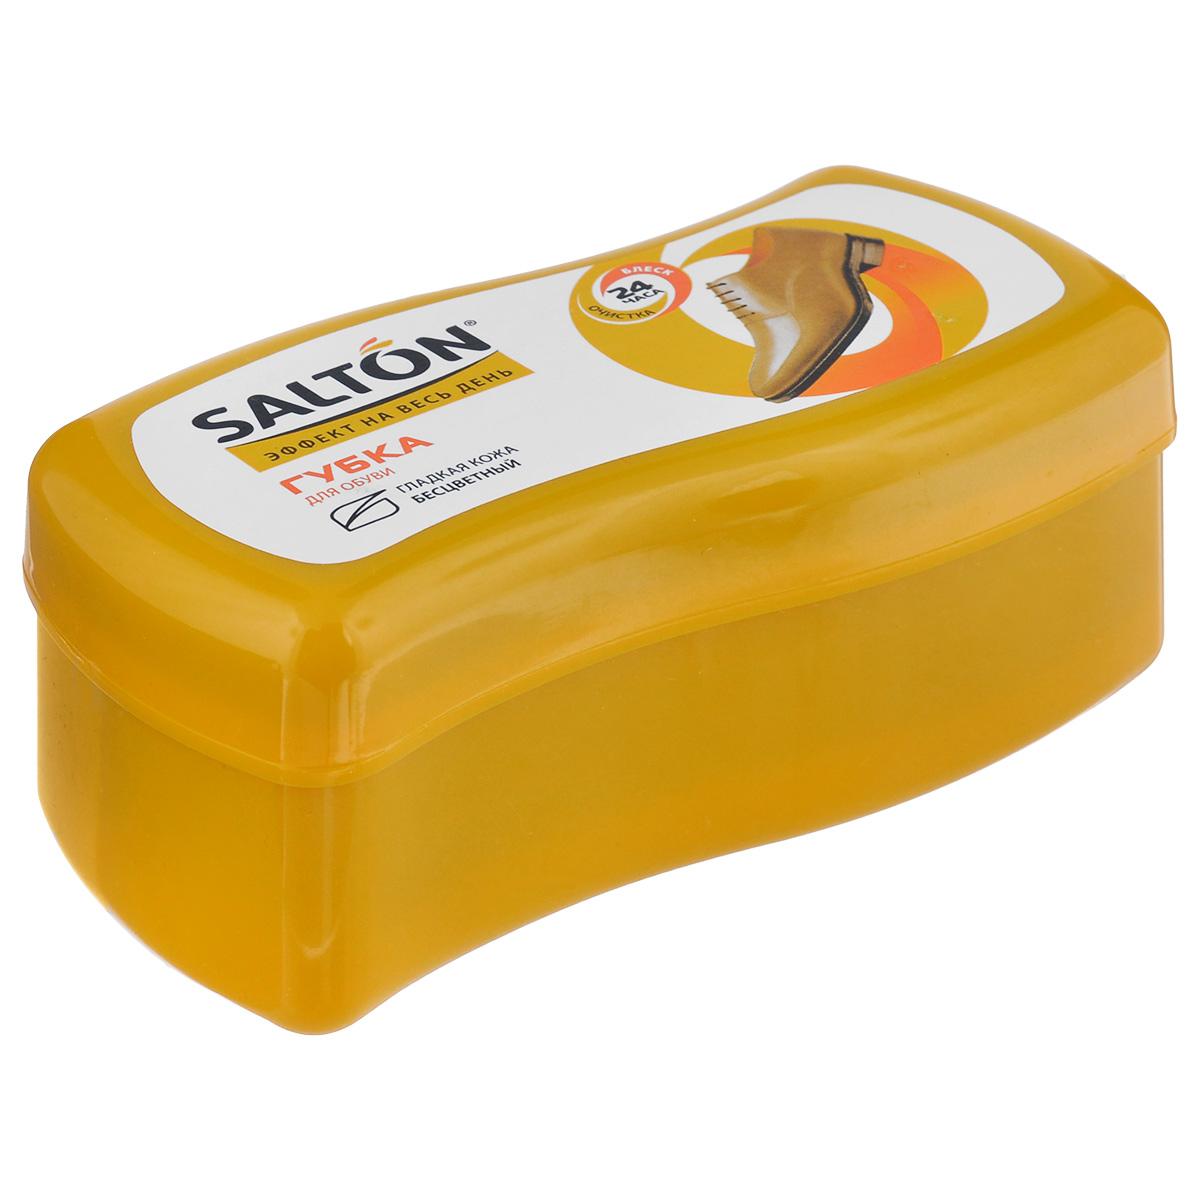 Губка Salton Волна для обуви из гладкой кожи, цвет: бесцветный, 12 см х 5,5 см х 5,5 см губка д обуви salton волна бесцветная д гладкой кожи с норковым маслом